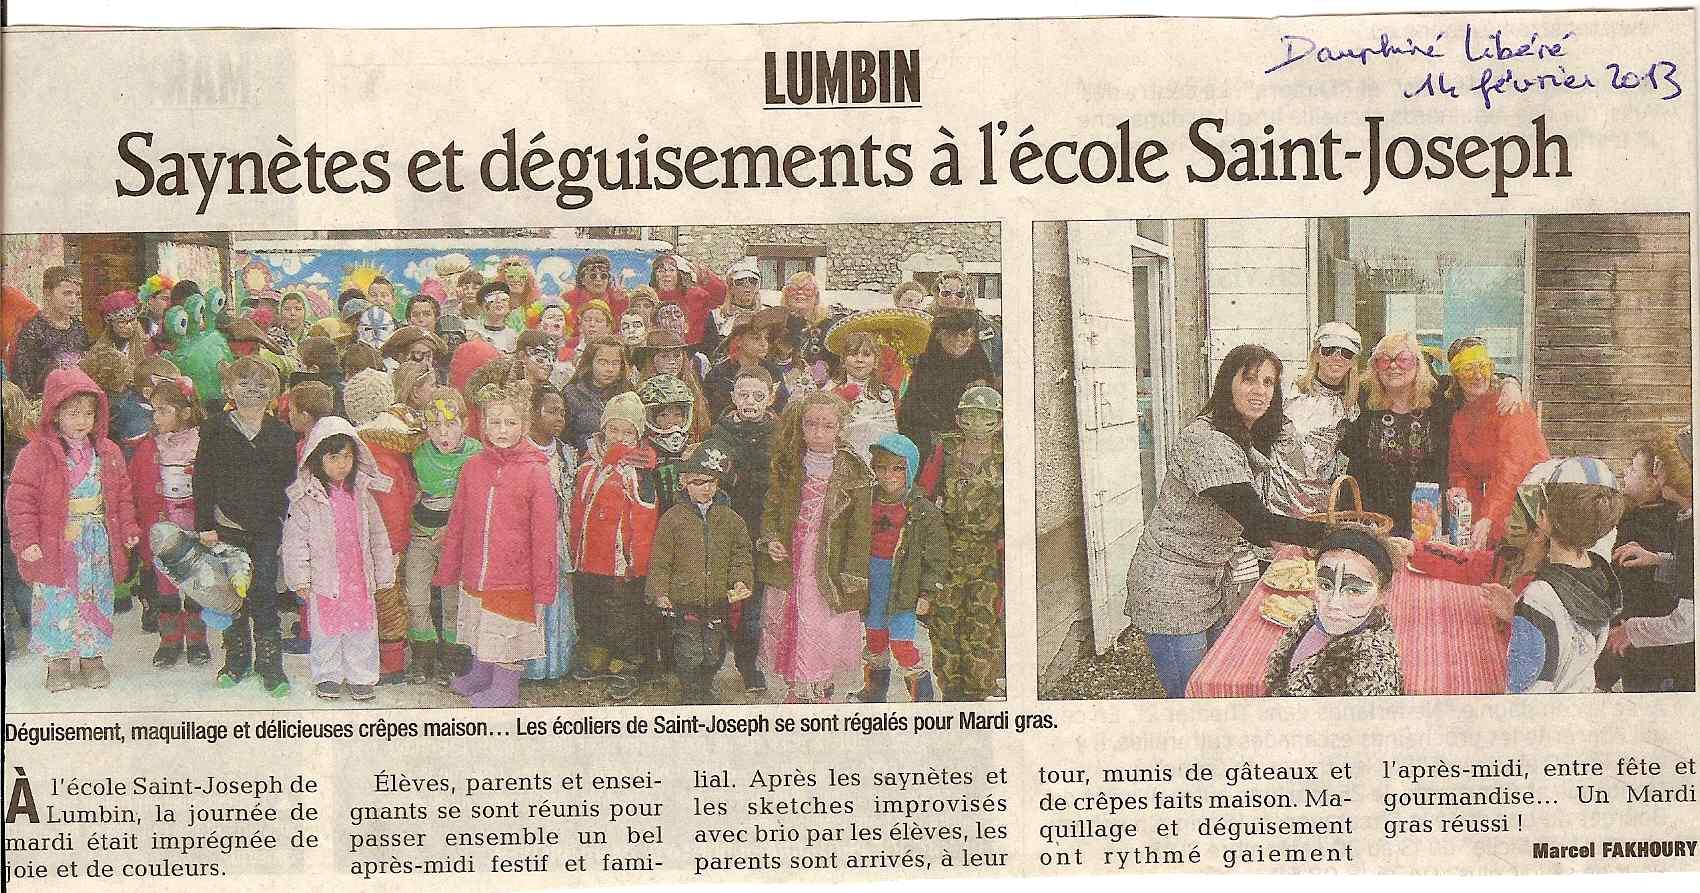 Dauphiné Libéré : article du Carnaval